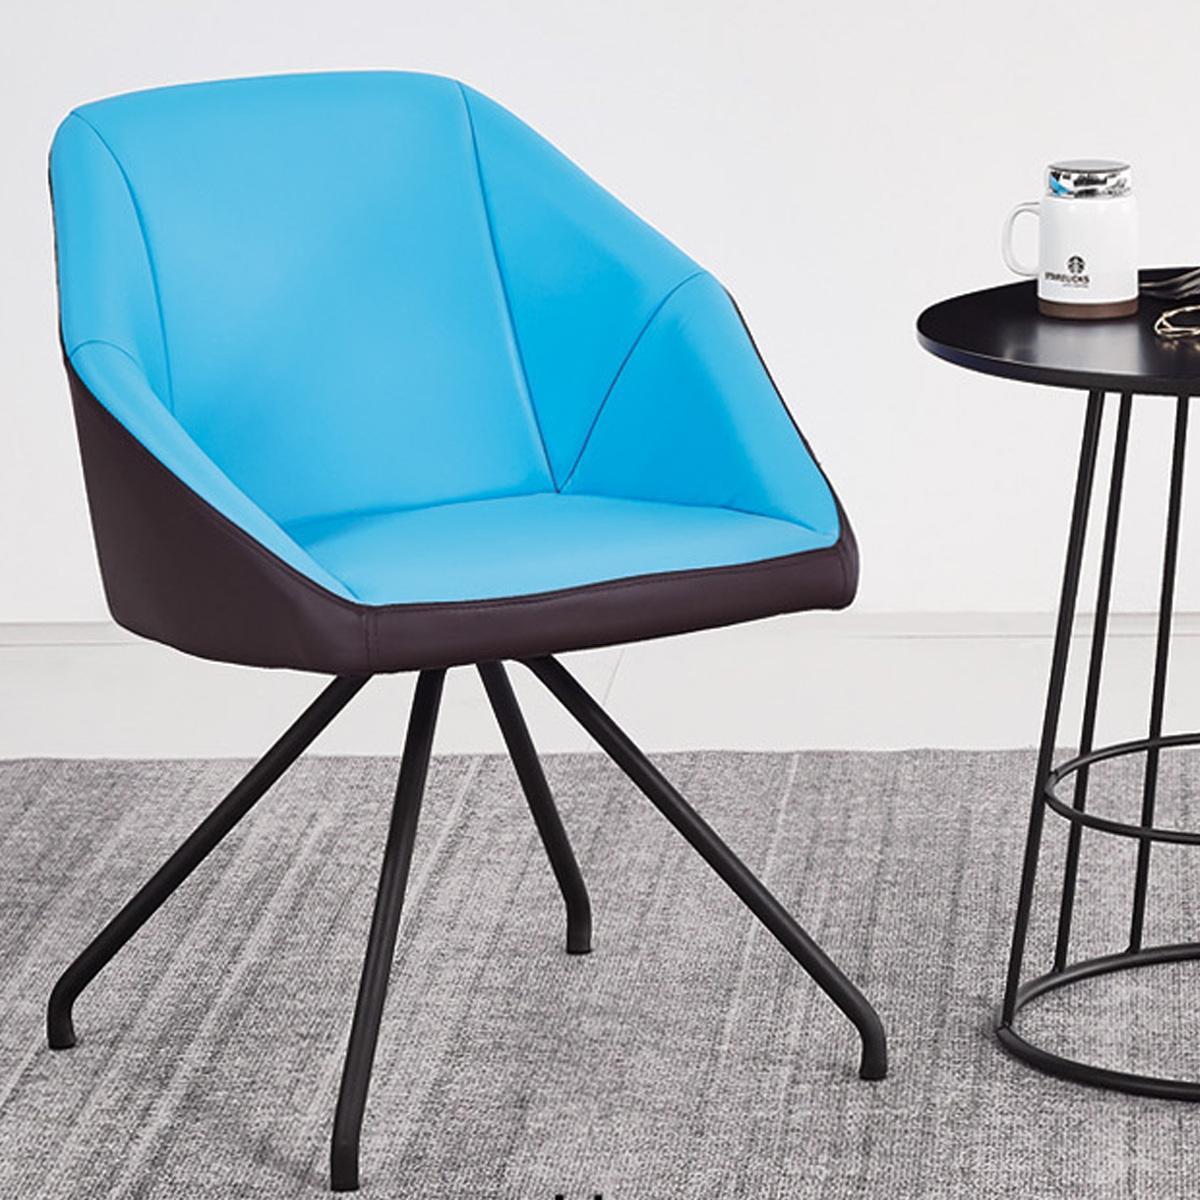 单人懒人沙发阳台休闲椅小户型现代简约小沙发椅卧室客厅电脑椅子